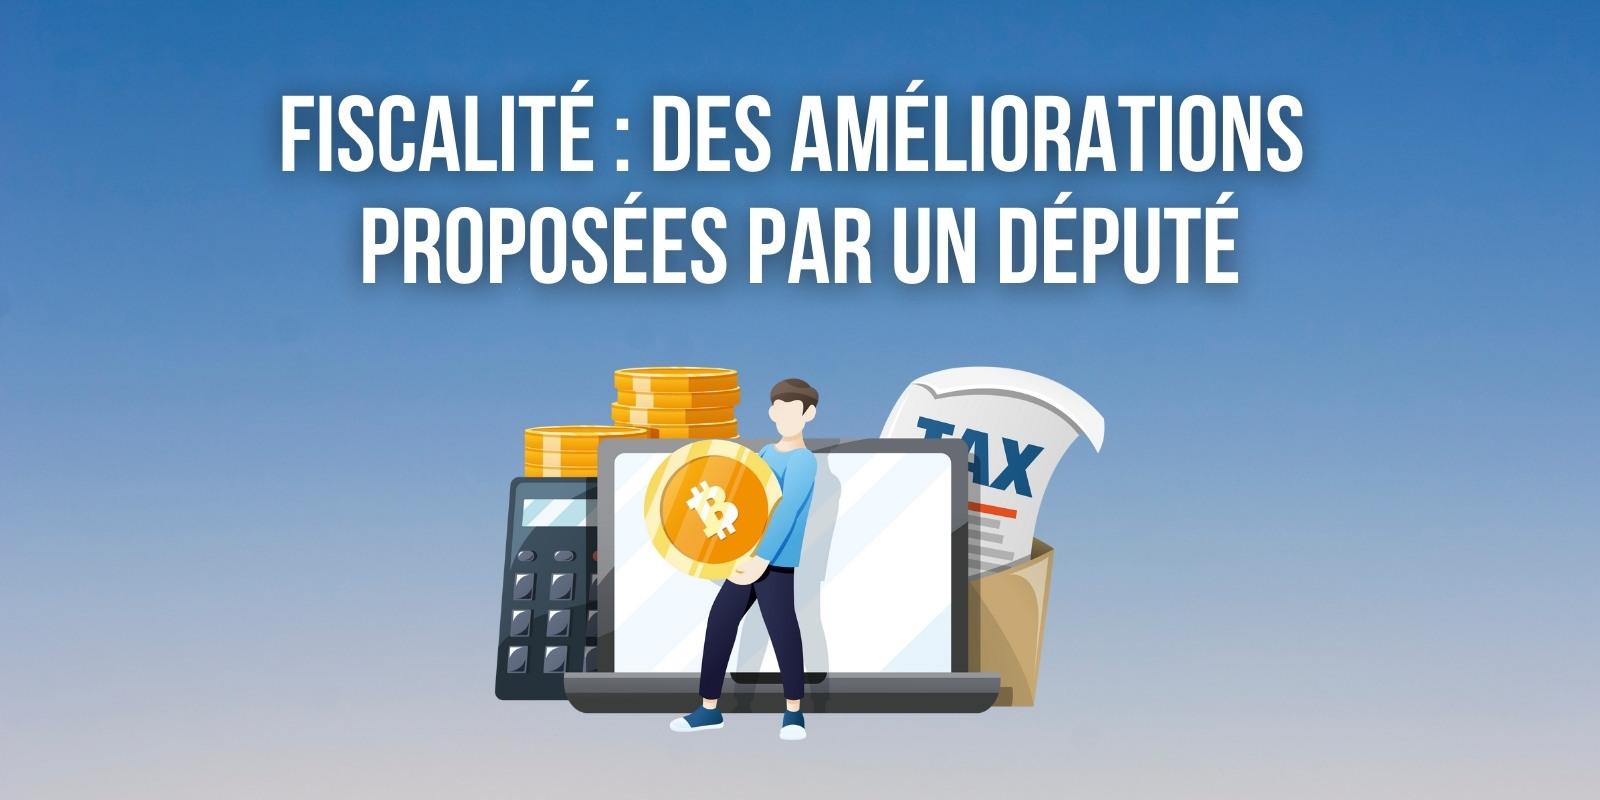 Fiscalité des cryptomonnaies – Que retenir des amendements proposés par Pierre Person ?